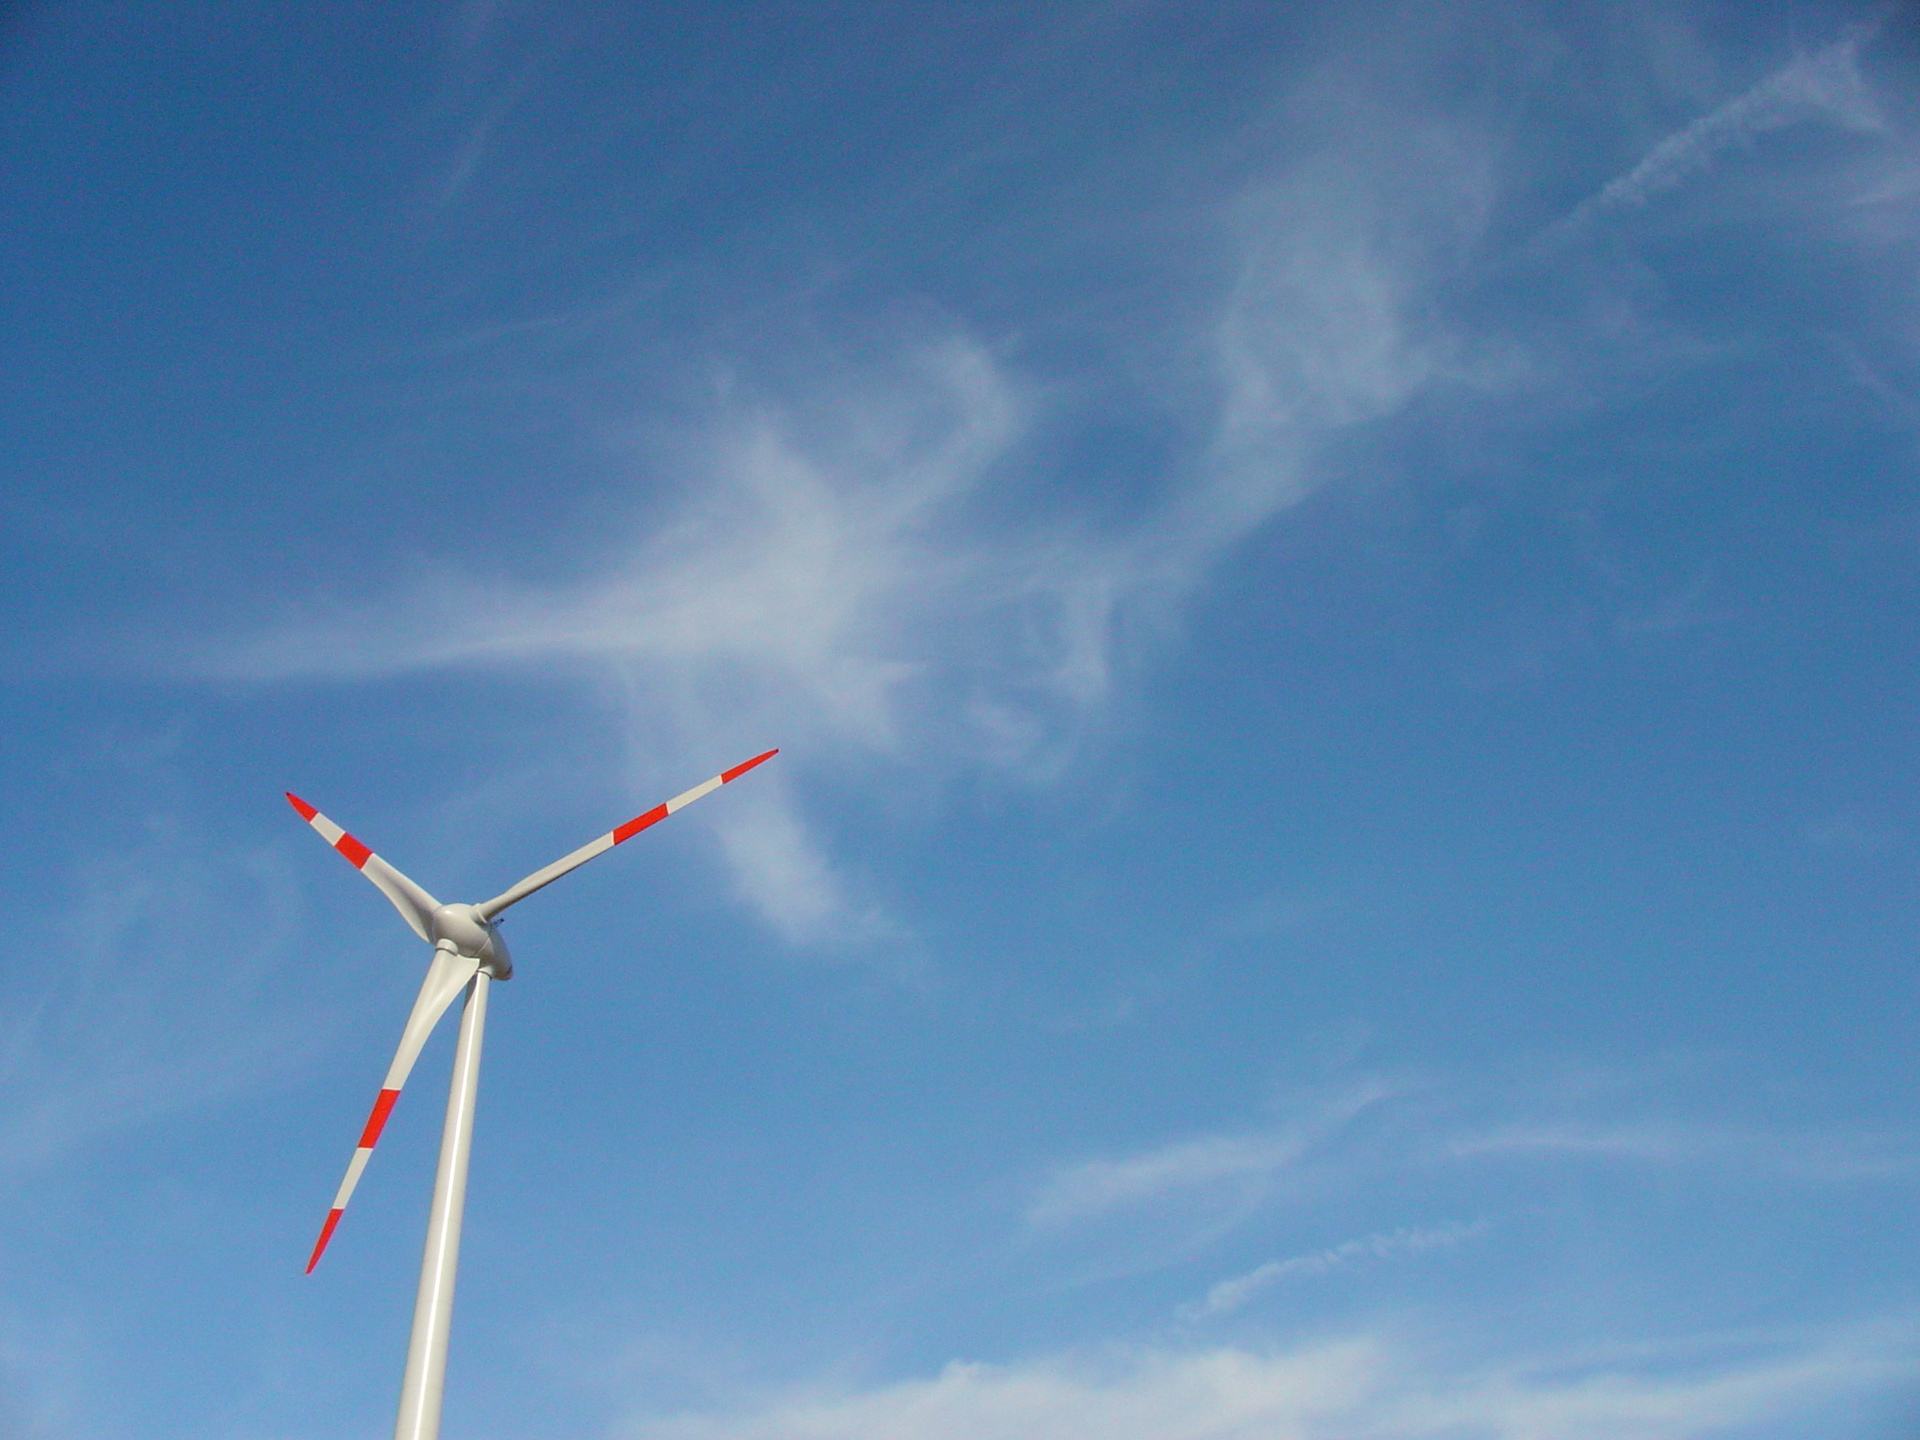 windmill-1-1317032-1920x1440